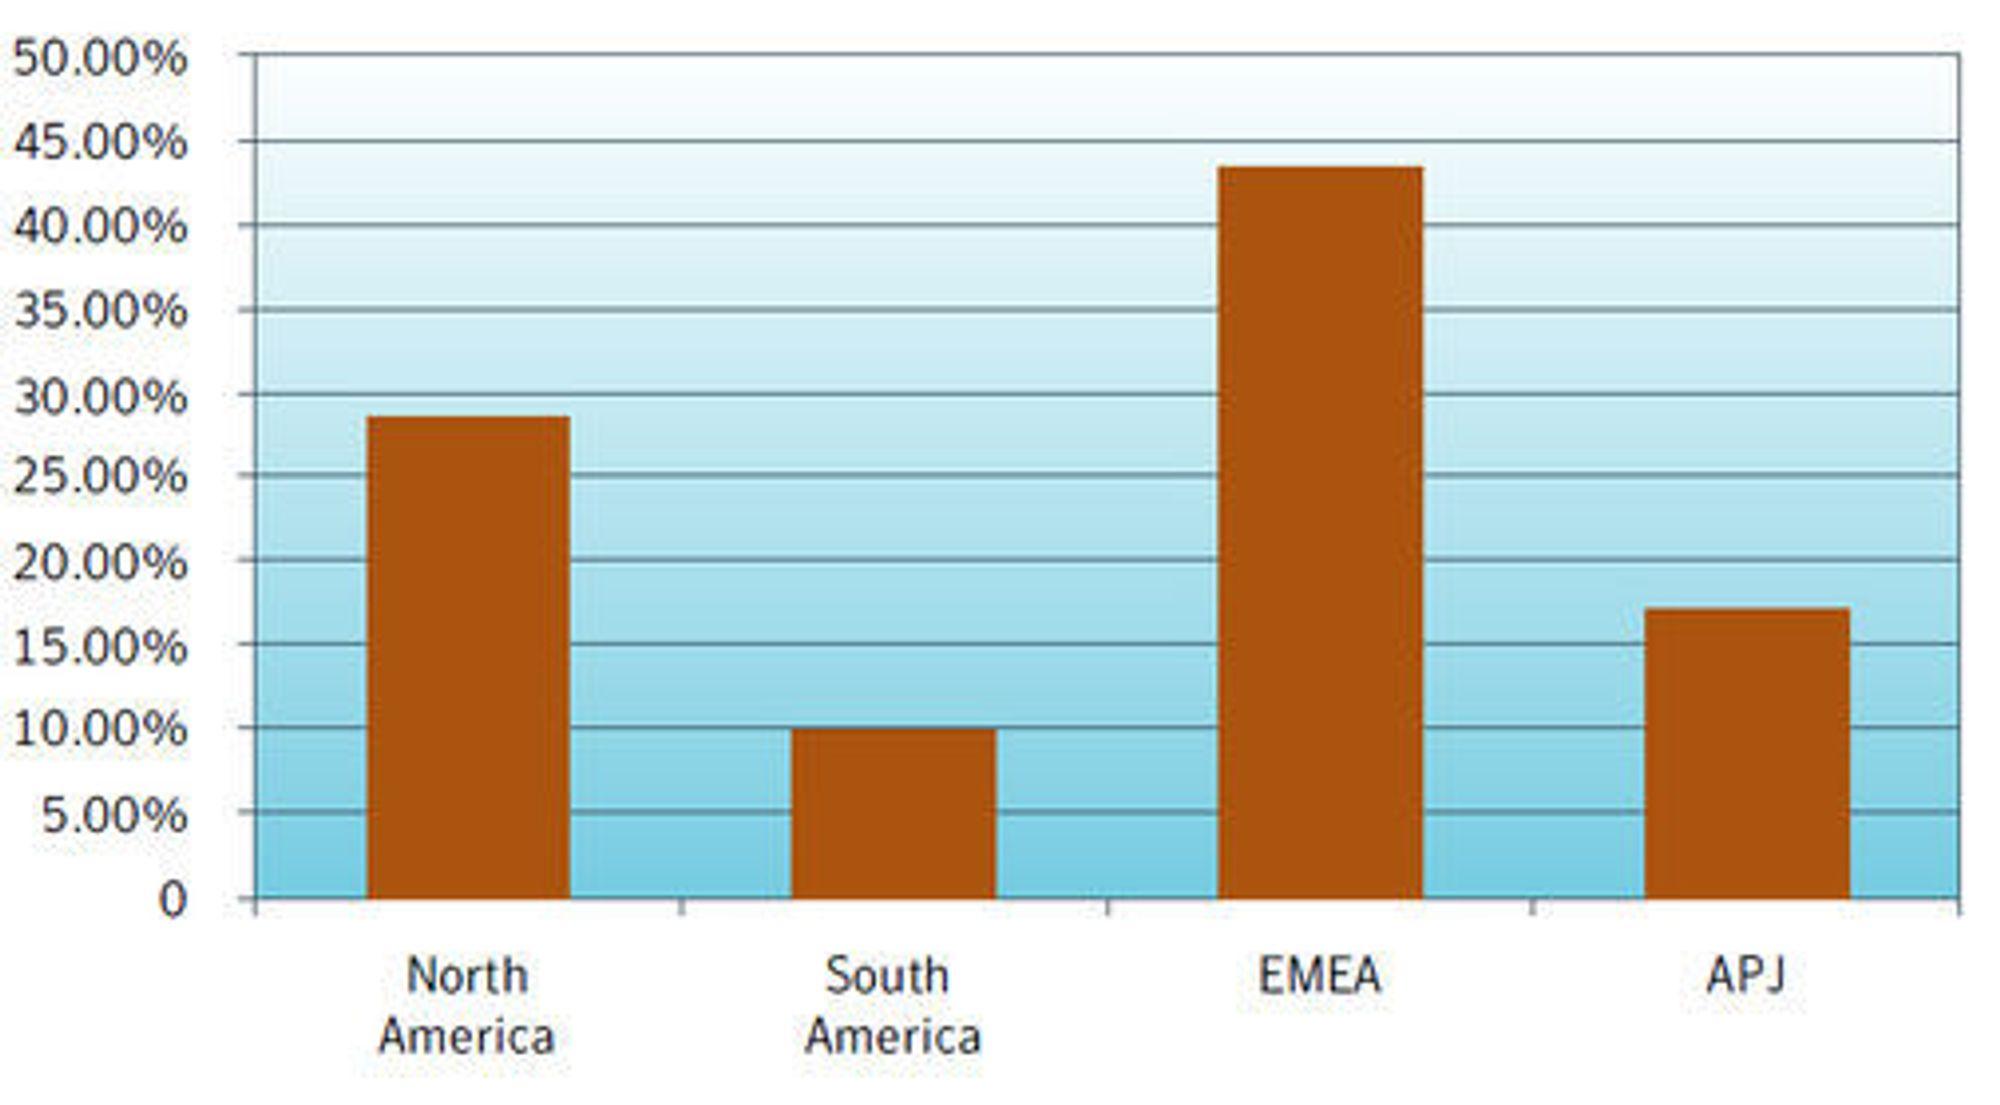 Andelen av spam fordelt på regioner juni 2008. Kilde: Symantec.